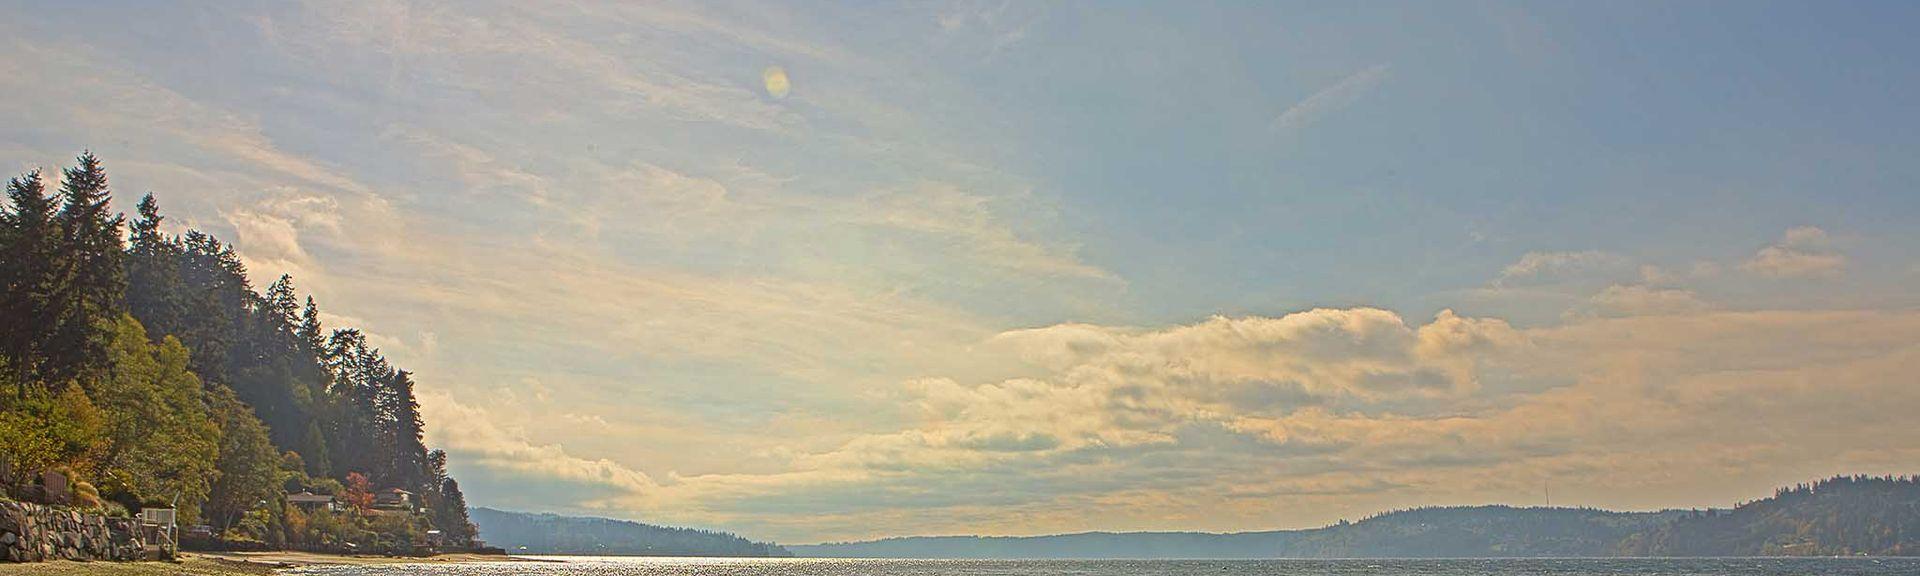 Foss Waterway Seaport, Tacoma, WA, USA